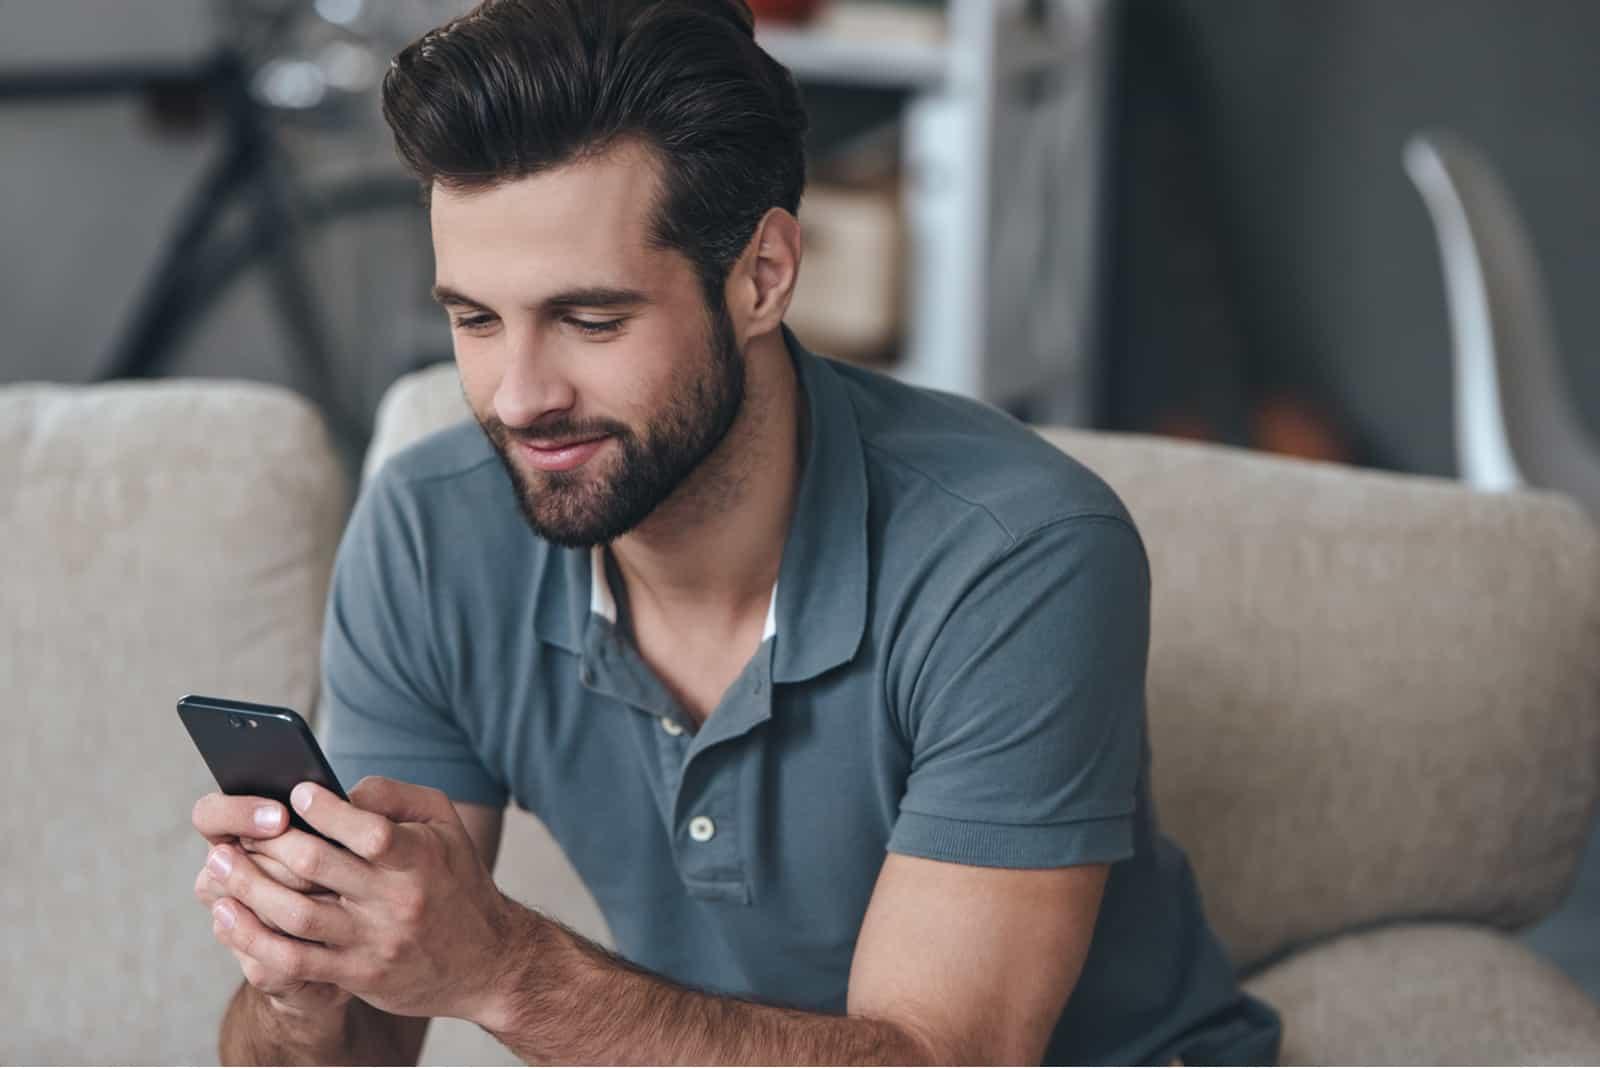 un homme est assis et touche au téléphone